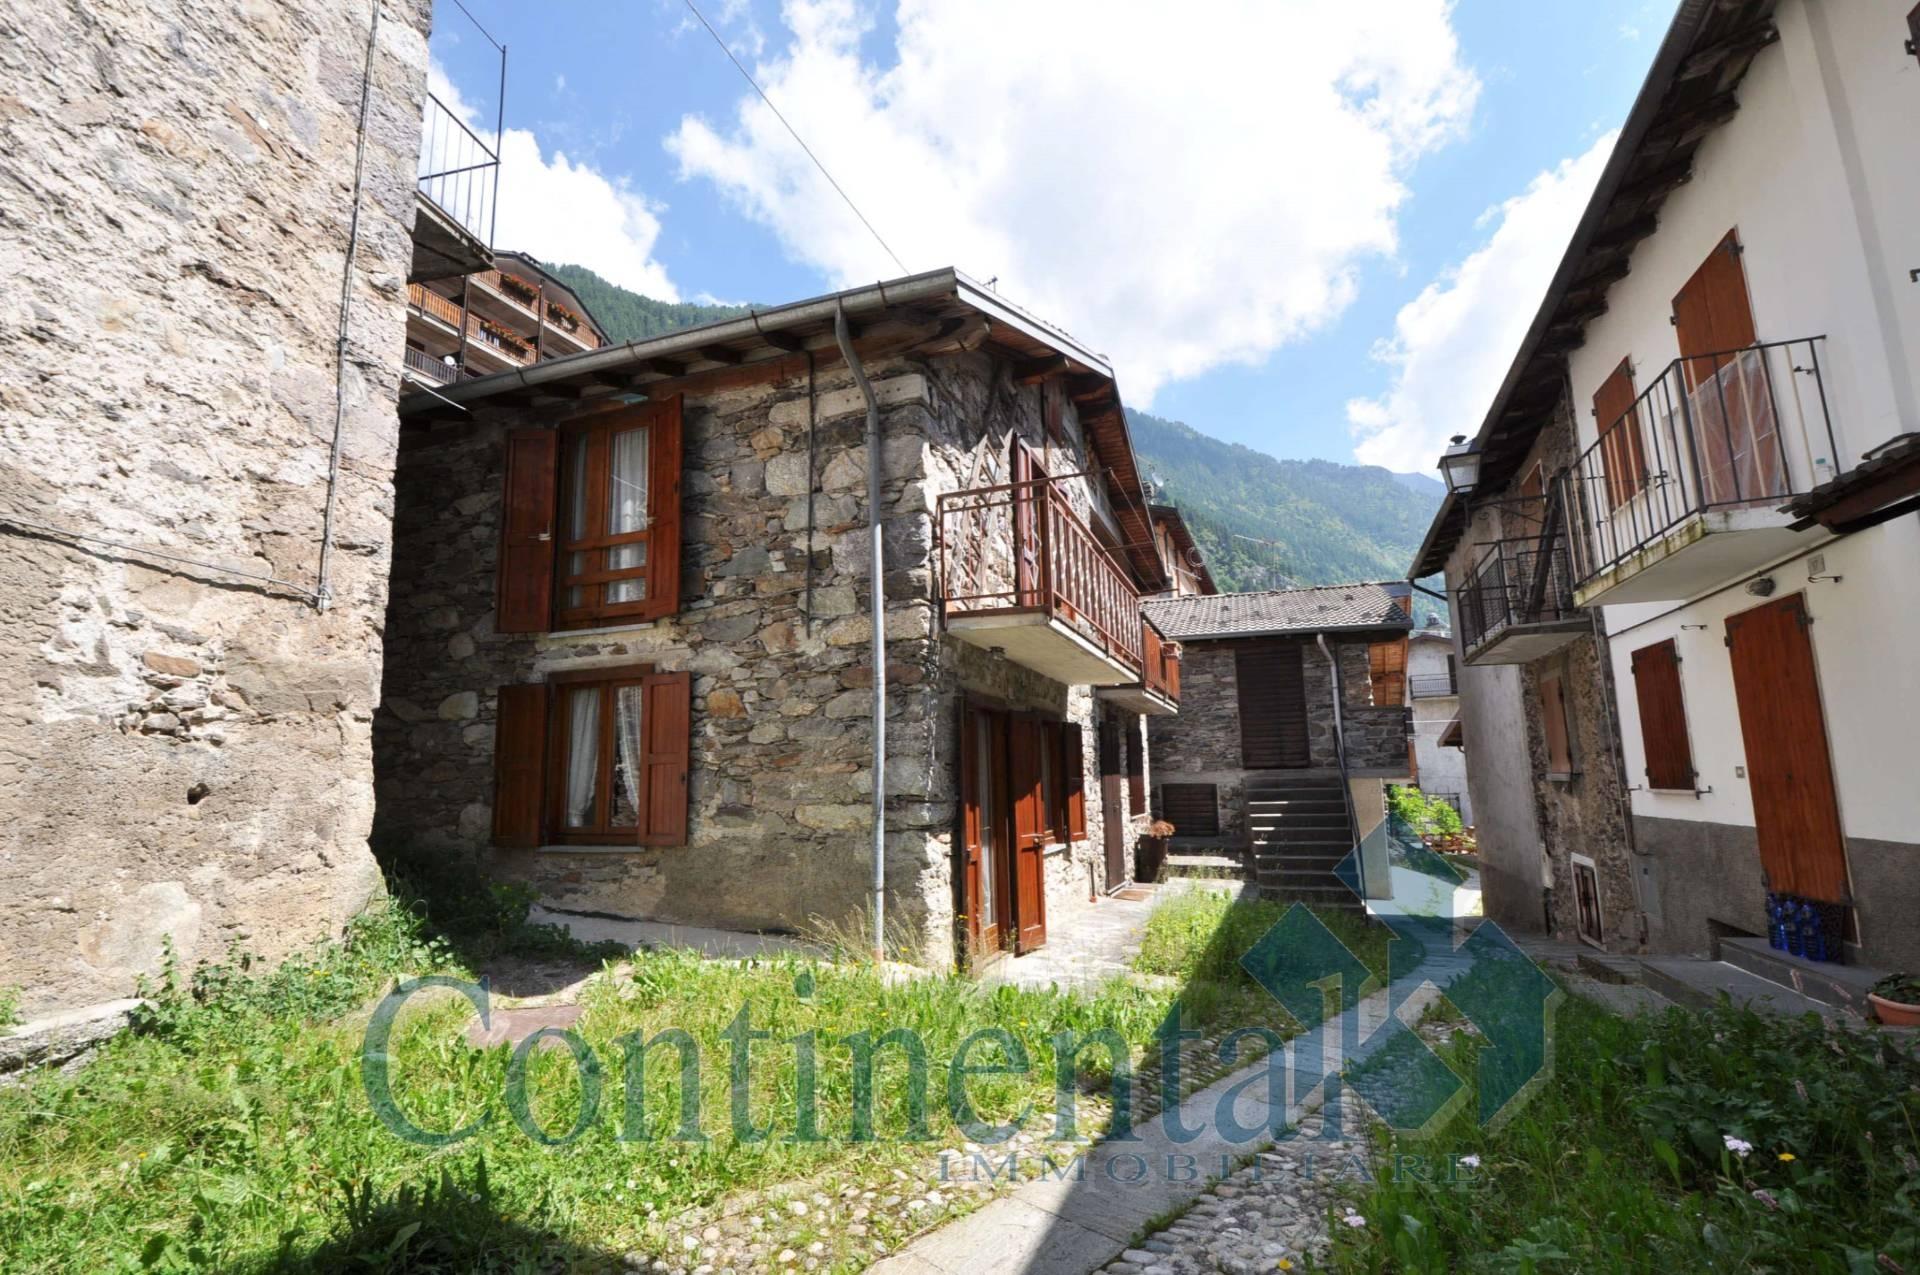 Rustico / Casale in vendita a Carona, 3 locali, prezzo € 122.000   PortaleAgenzieImmobiliari.it